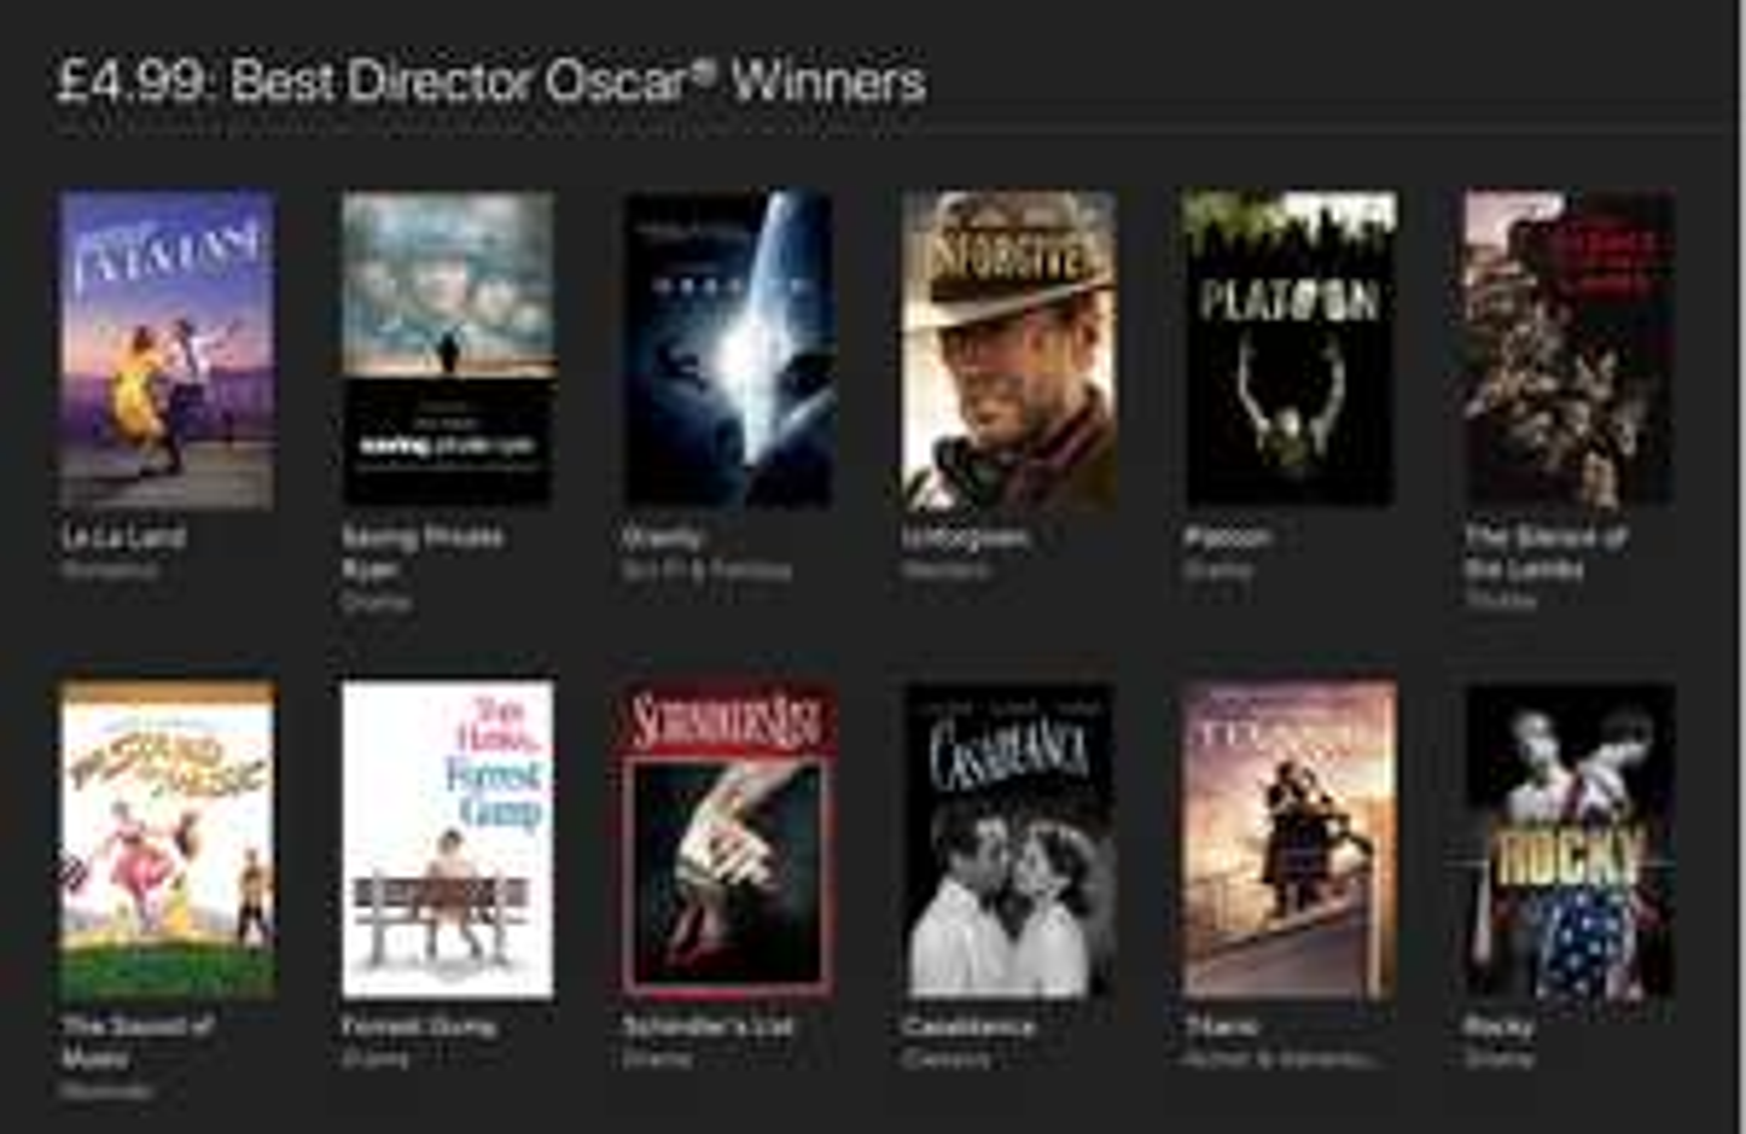 Best Director Oscar Winners on iTunes, 58 in total - £4.99 each